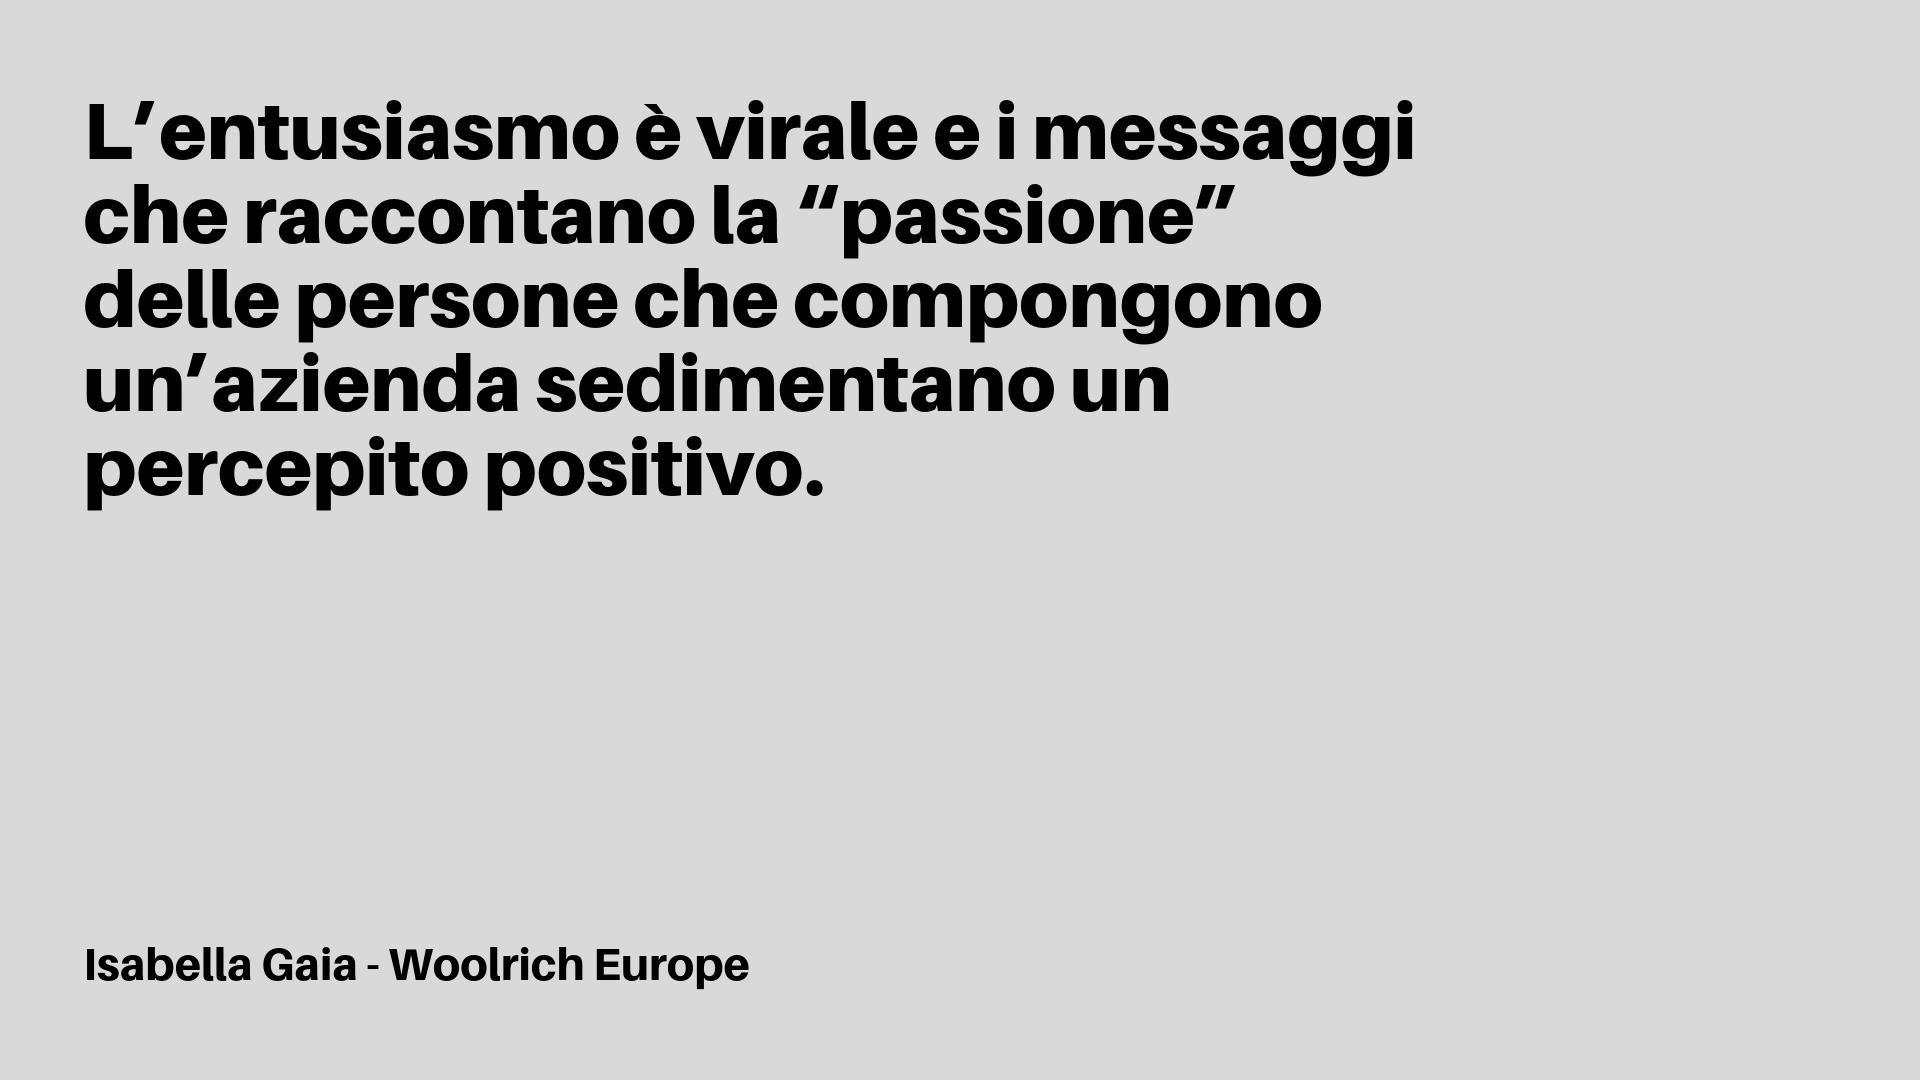 """L'entusiasmo è virale e i messaggi che raccontano la """"passione"""" delle persone che compongono un'azienda sedimentano un percepito positivo.-2.png"""